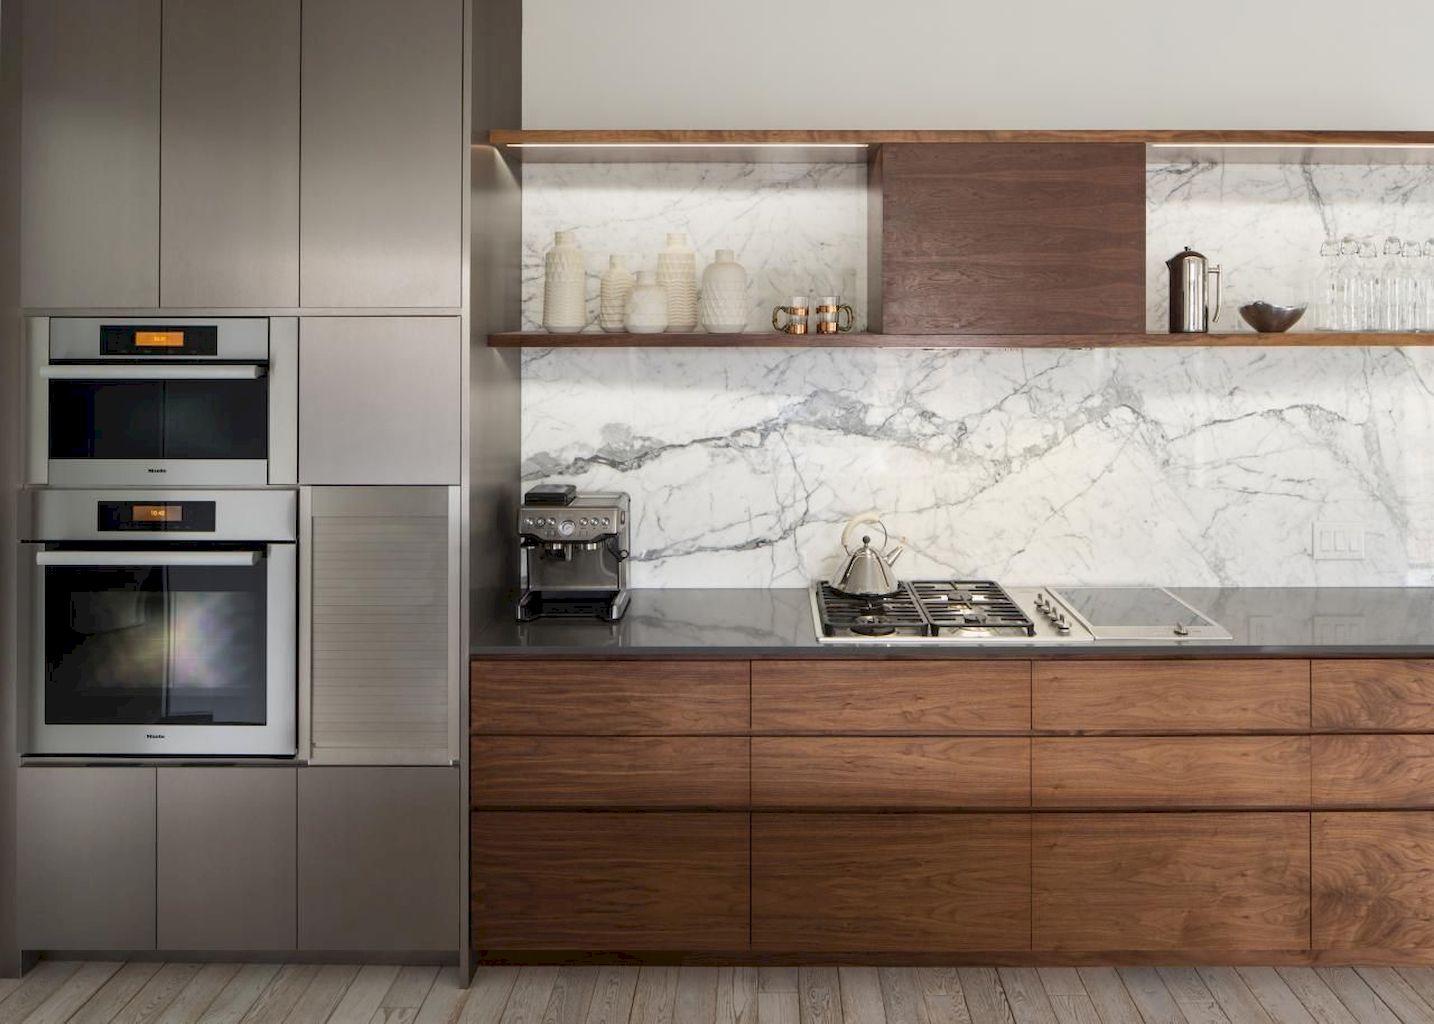 Kitchen Backsplash148